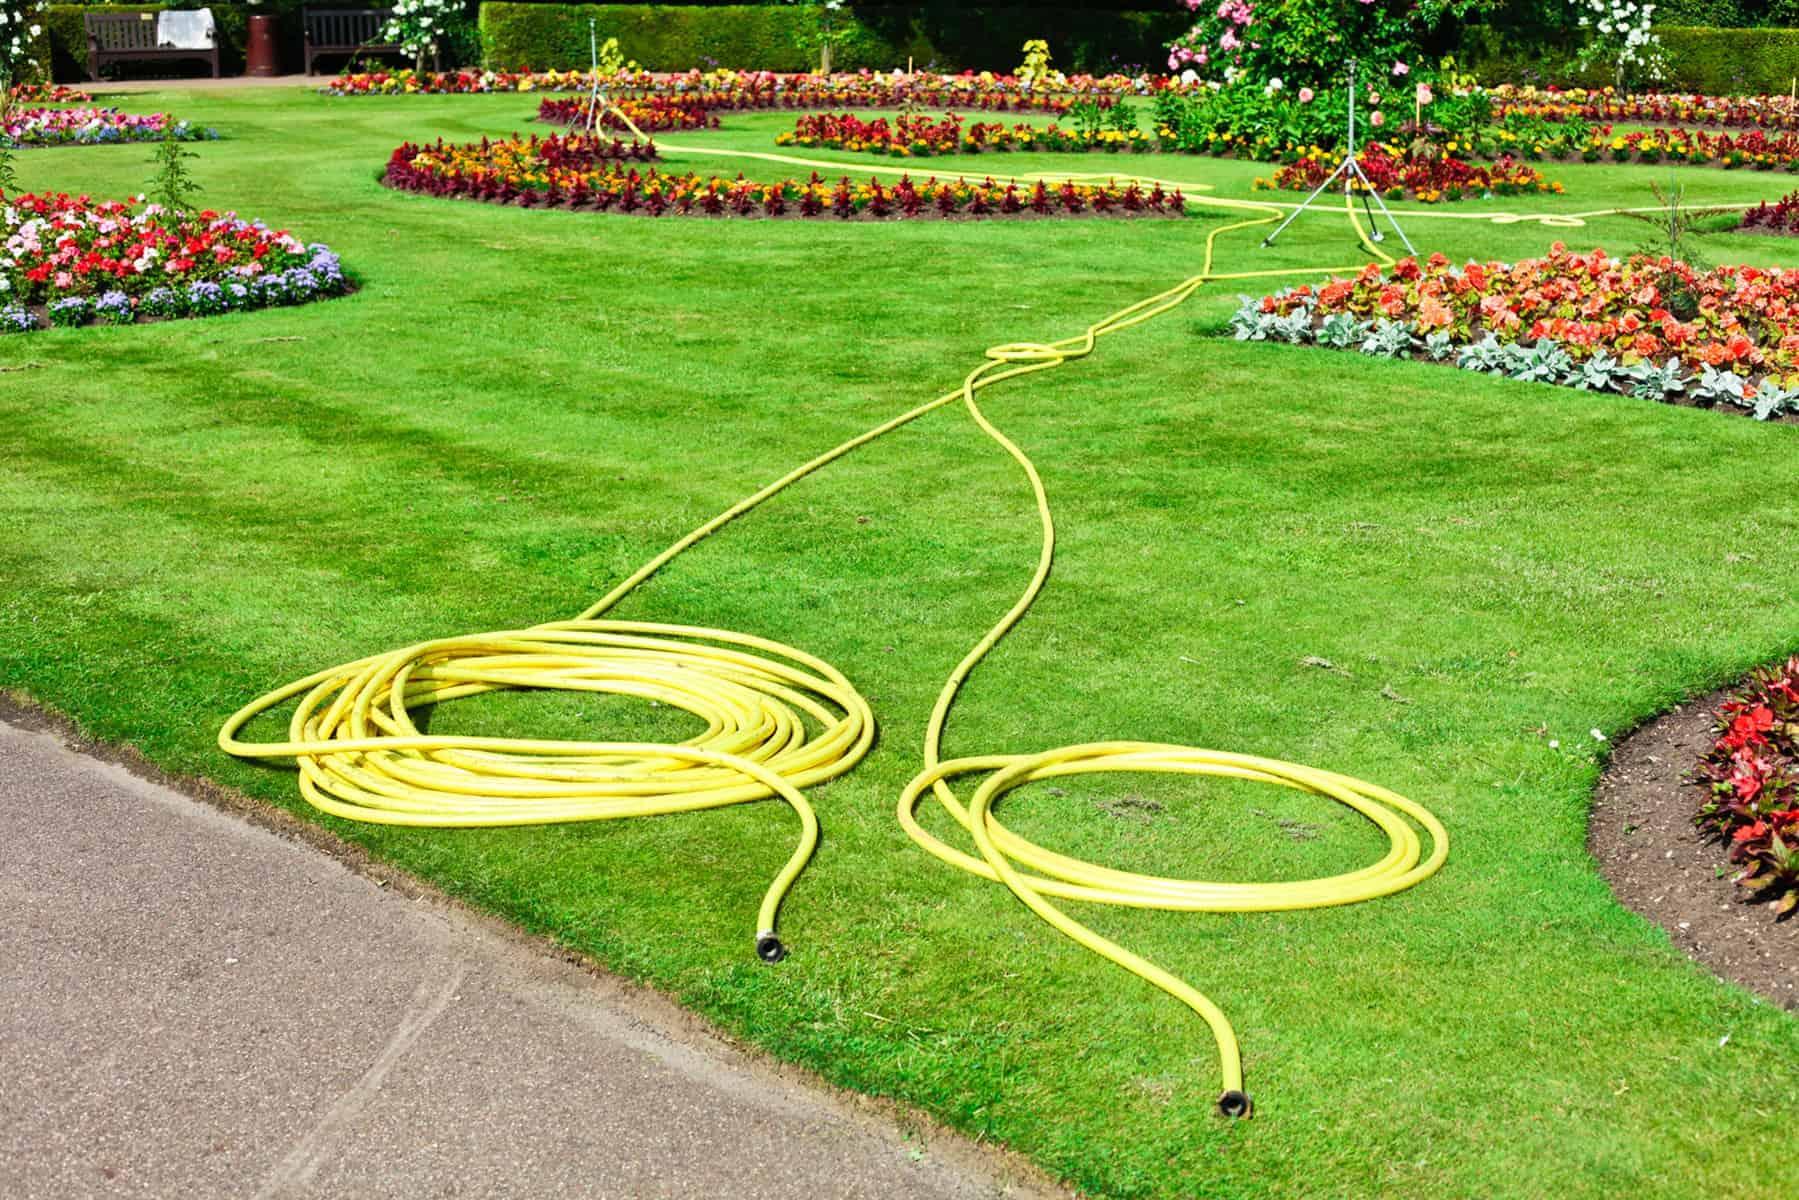 pompy wodne, które podłączają się do węża ogrodowego